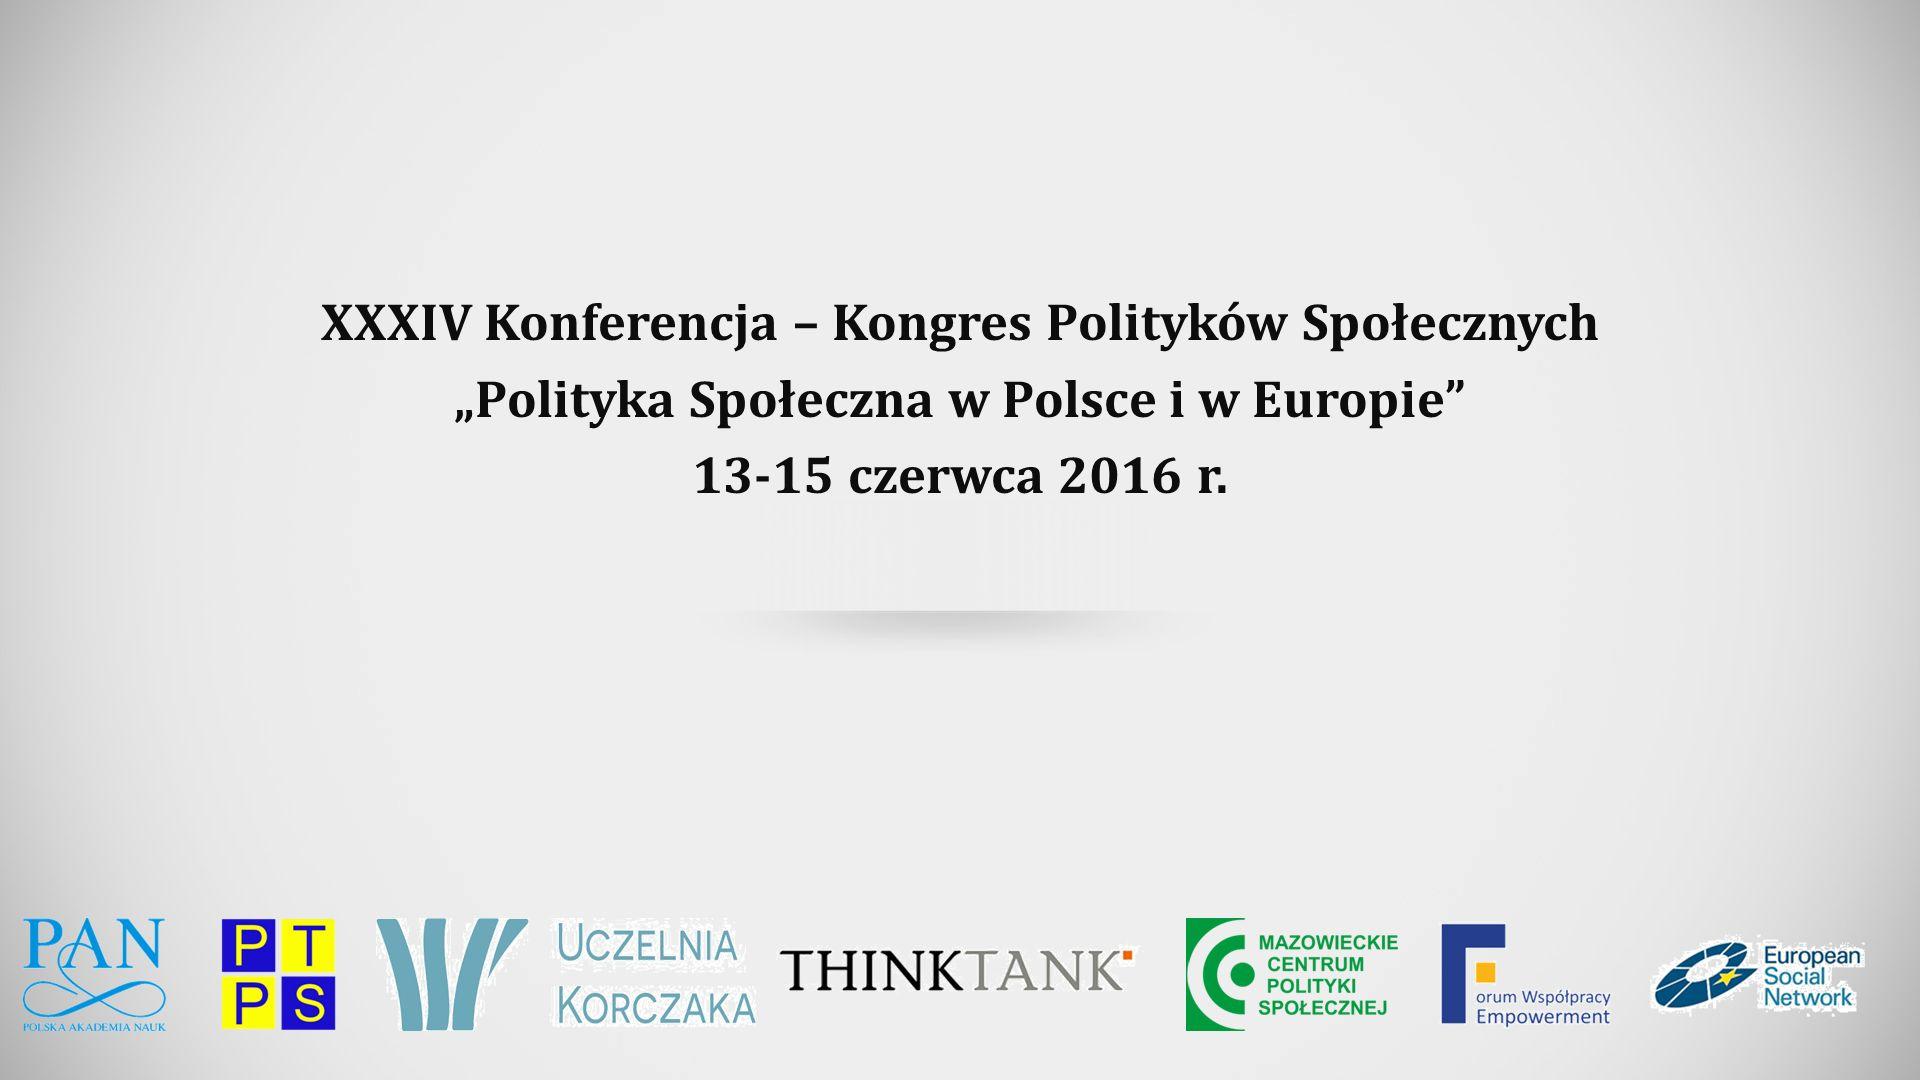 """XXXIV Konferencja – Kongres Polityków Społecznych """"Polityka Społeczna w Polsce i w Europie 13-15 czerwca 2016 r."""